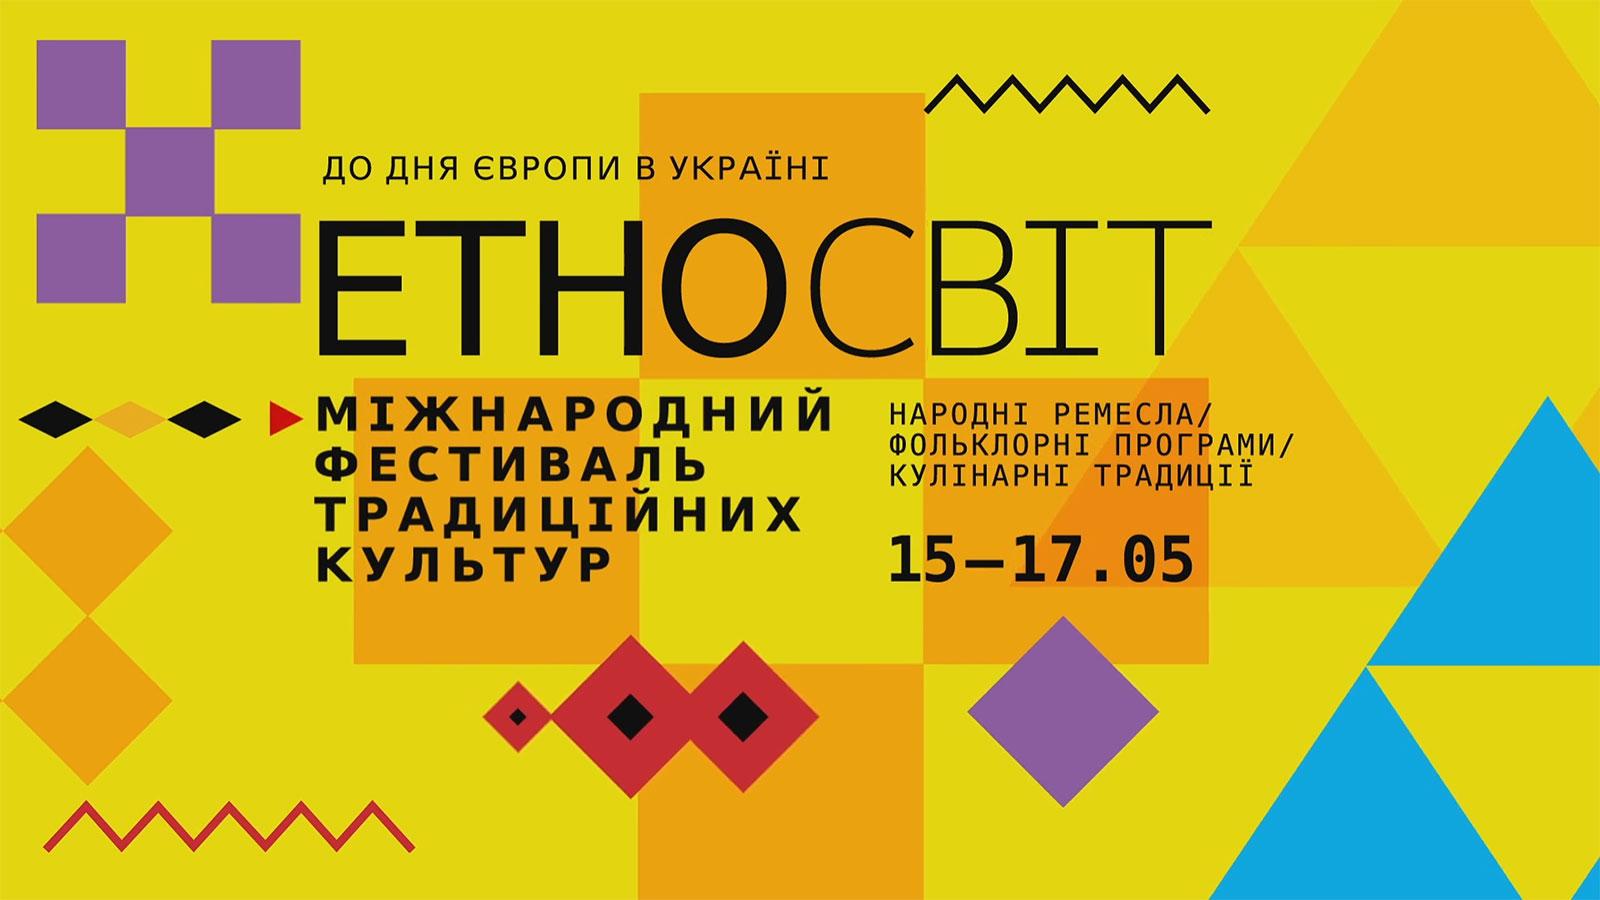 Міжнародний фестиваль традиційних культур «ЕтноСвіт» 2015